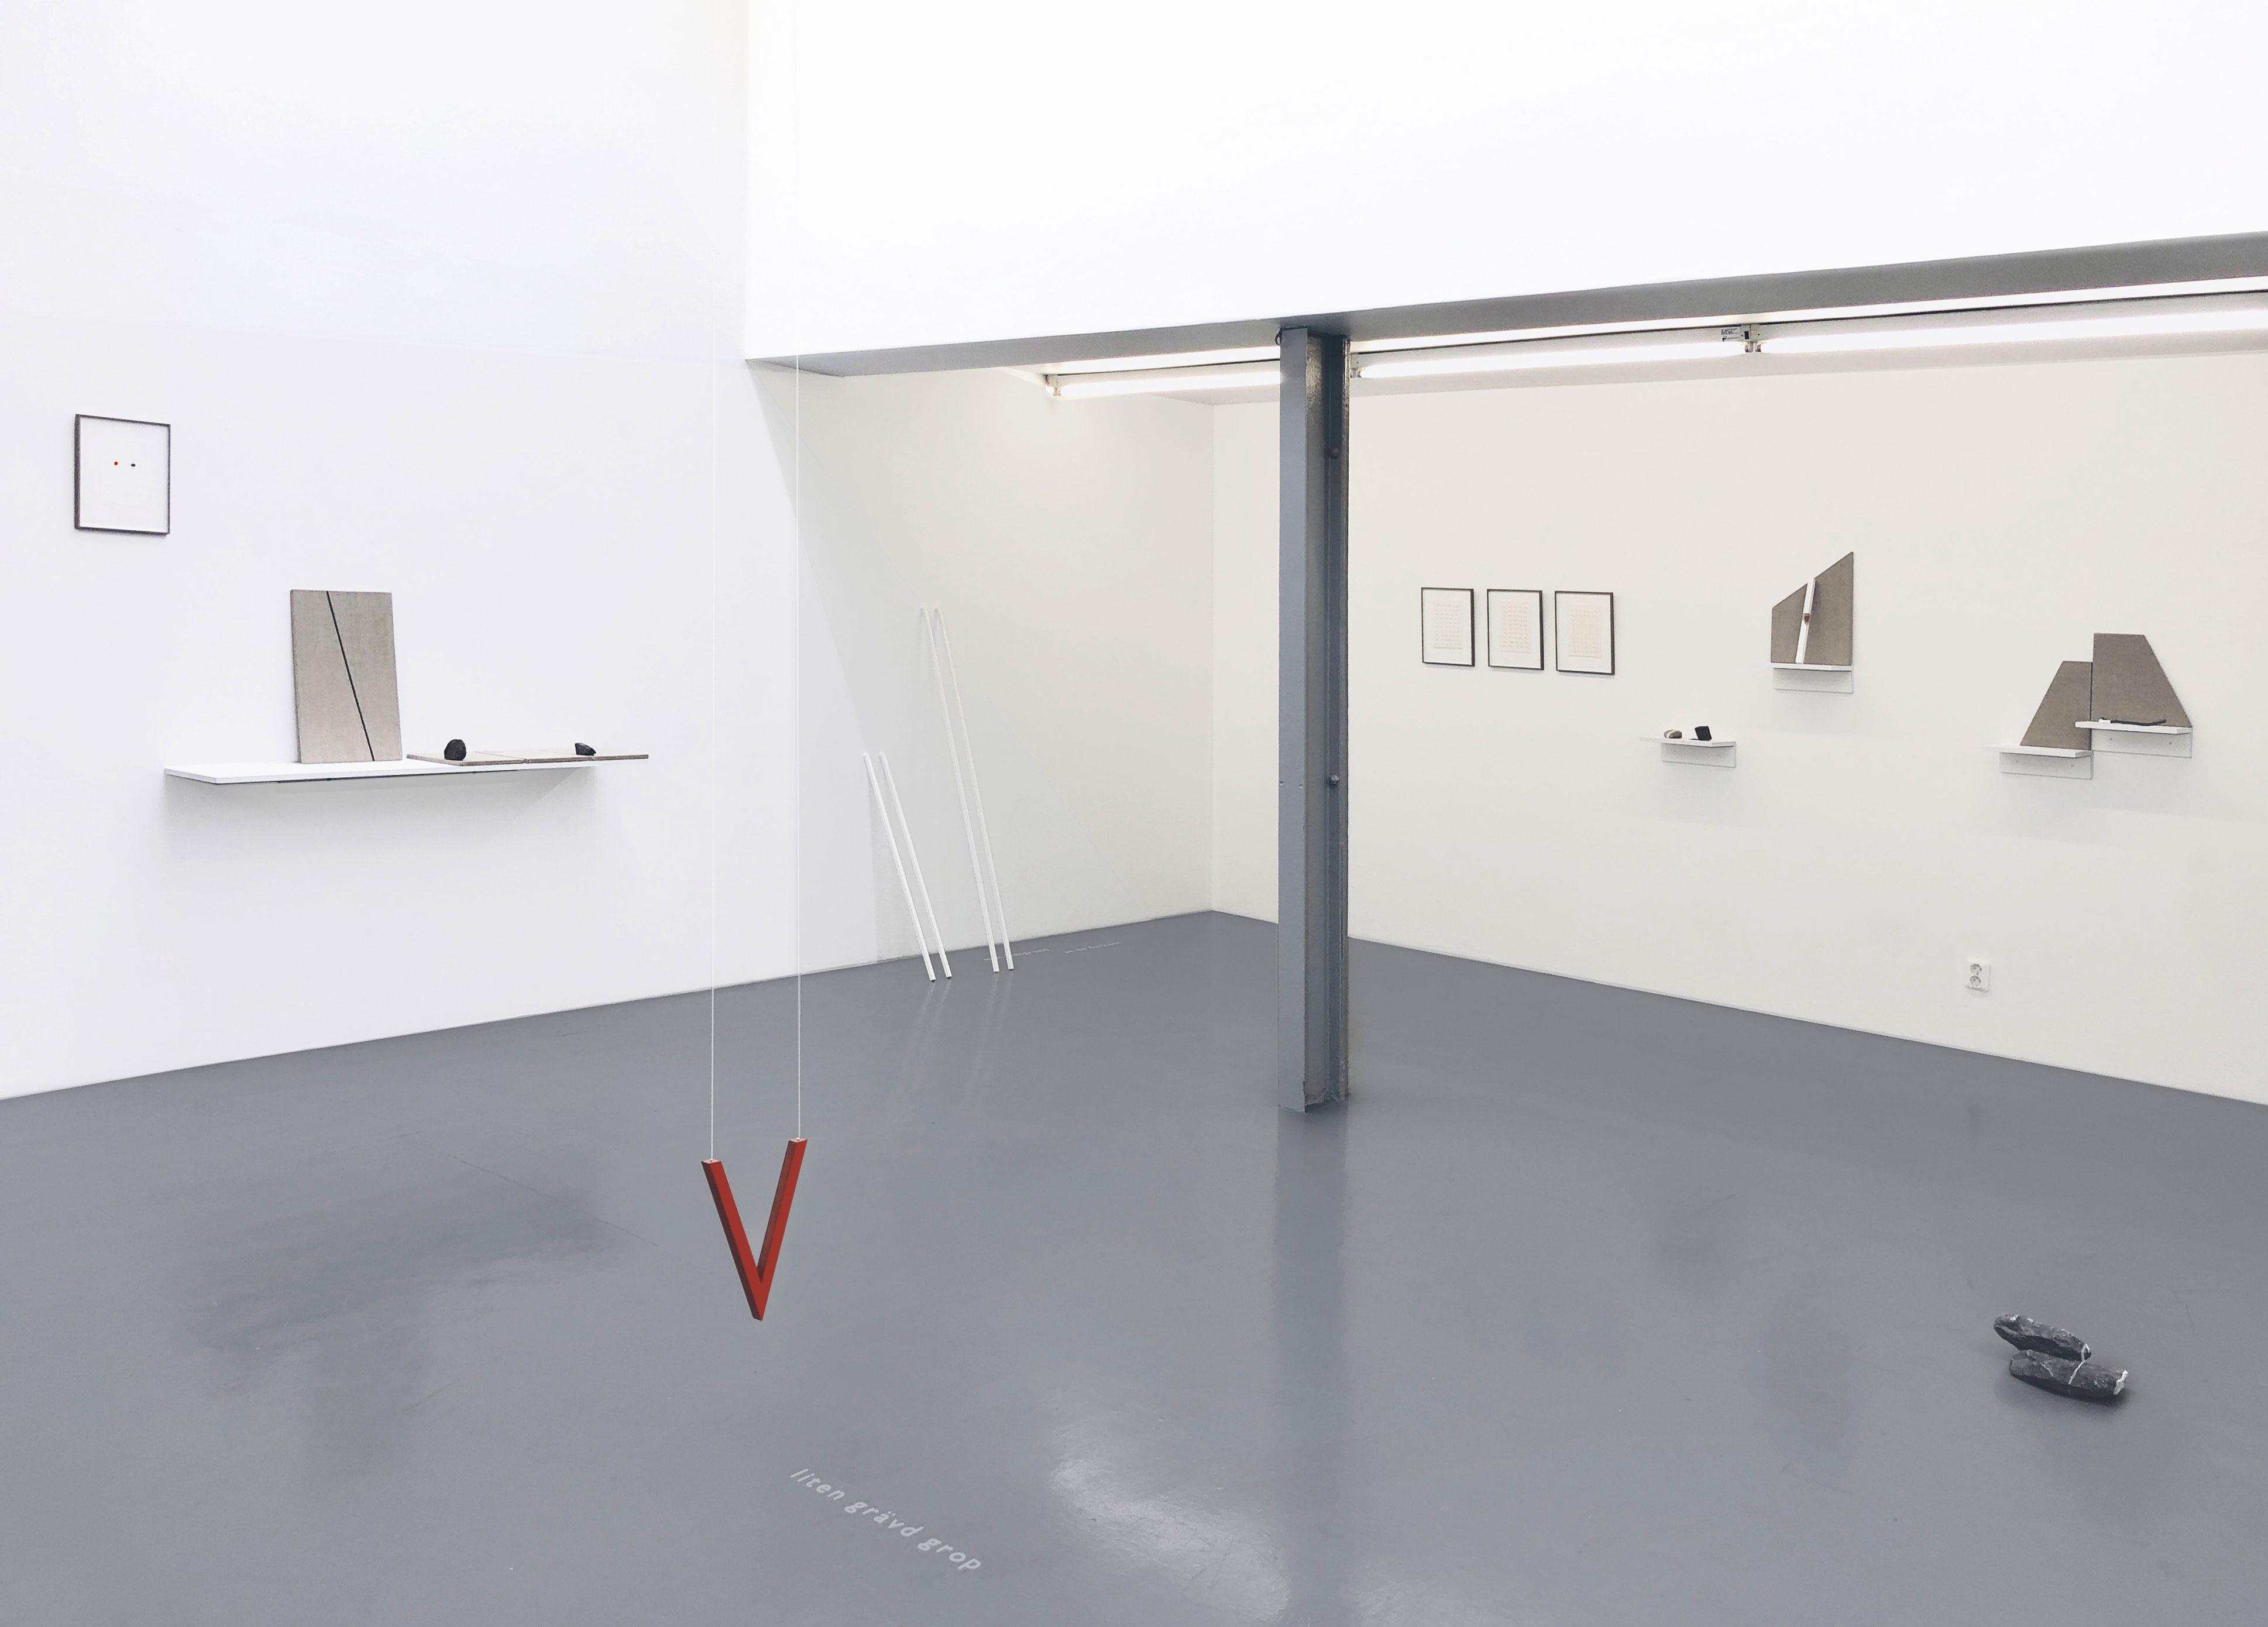 Installation view, Cecilia Hultman